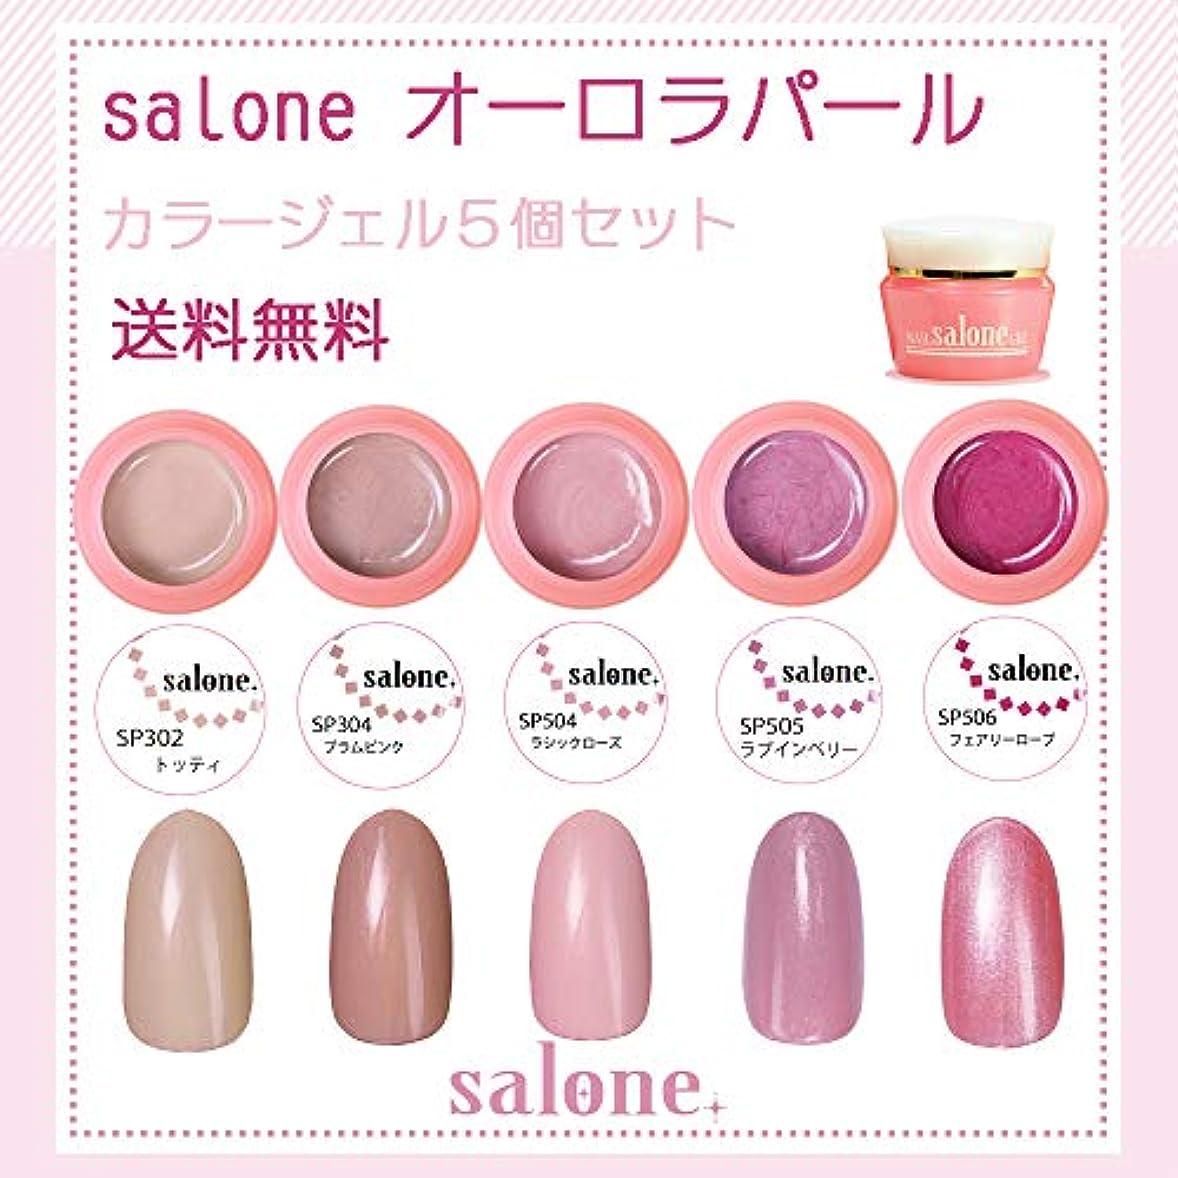 促すイベント地殻【送料無料 日本製】Salone オーロラパール カラージェル5個セット上品な輝きのパールカラー